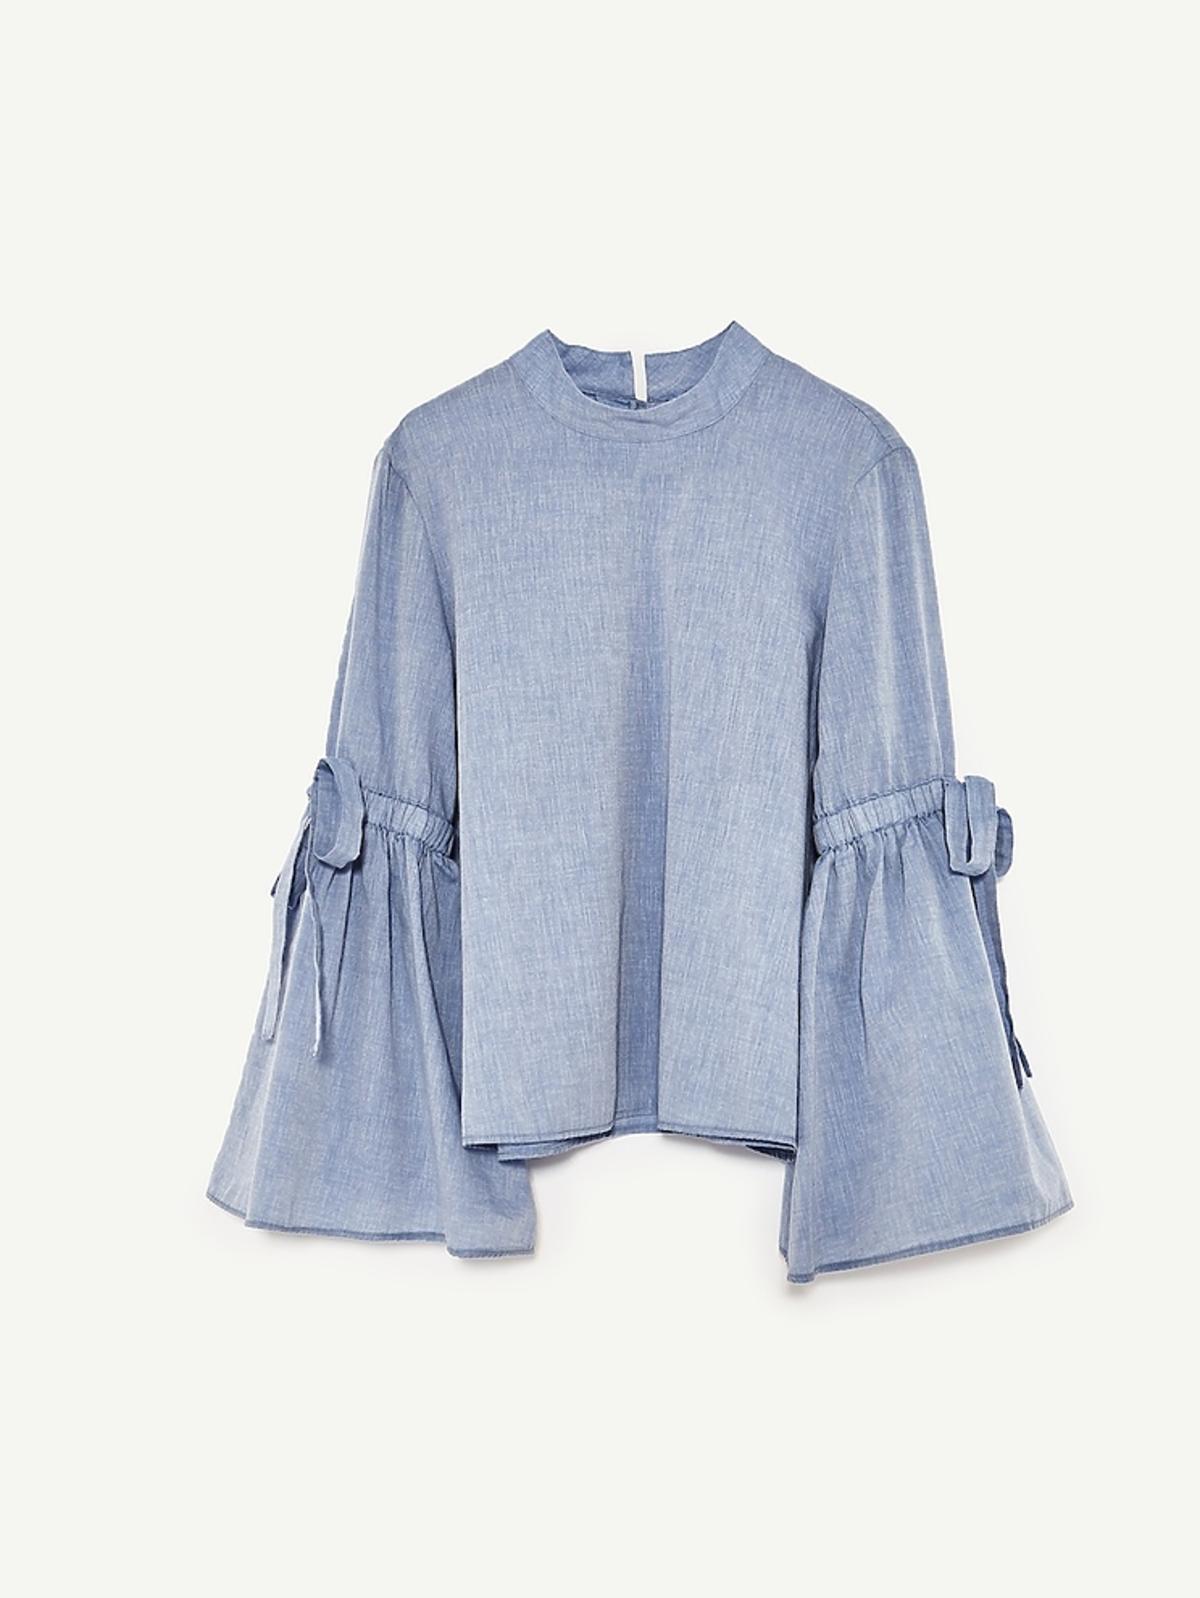 Bluzka z szerokimi rękawami Zara, 119 zł